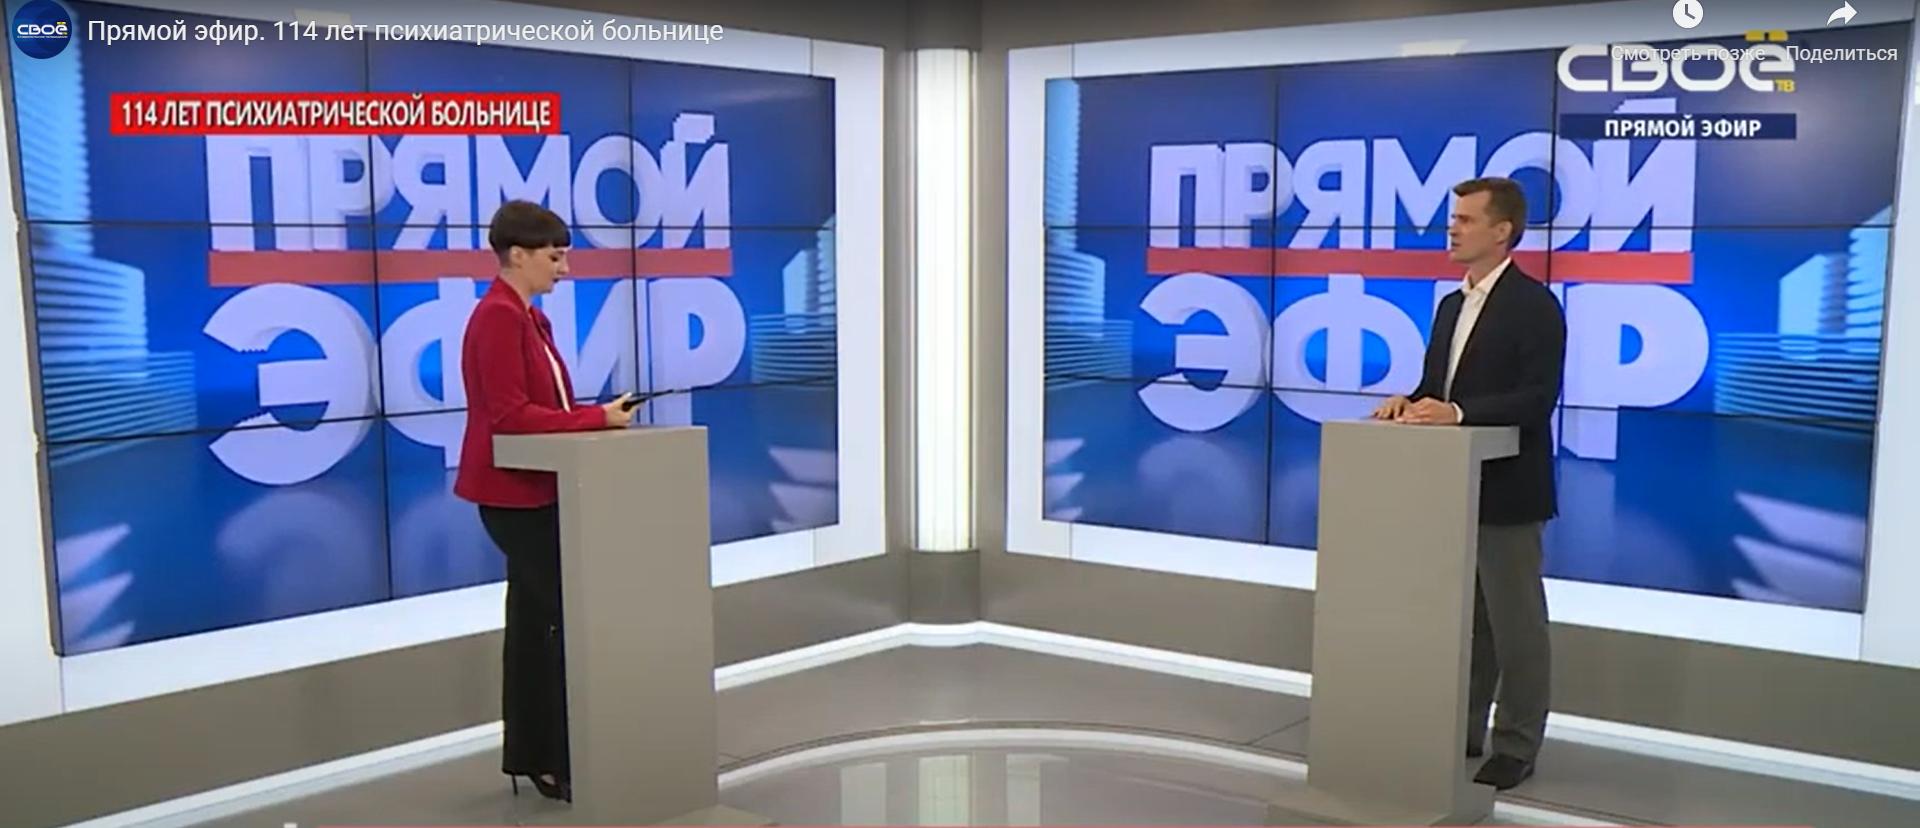 Ставропольским телезрителям рассказали об истории психиатрической больницы